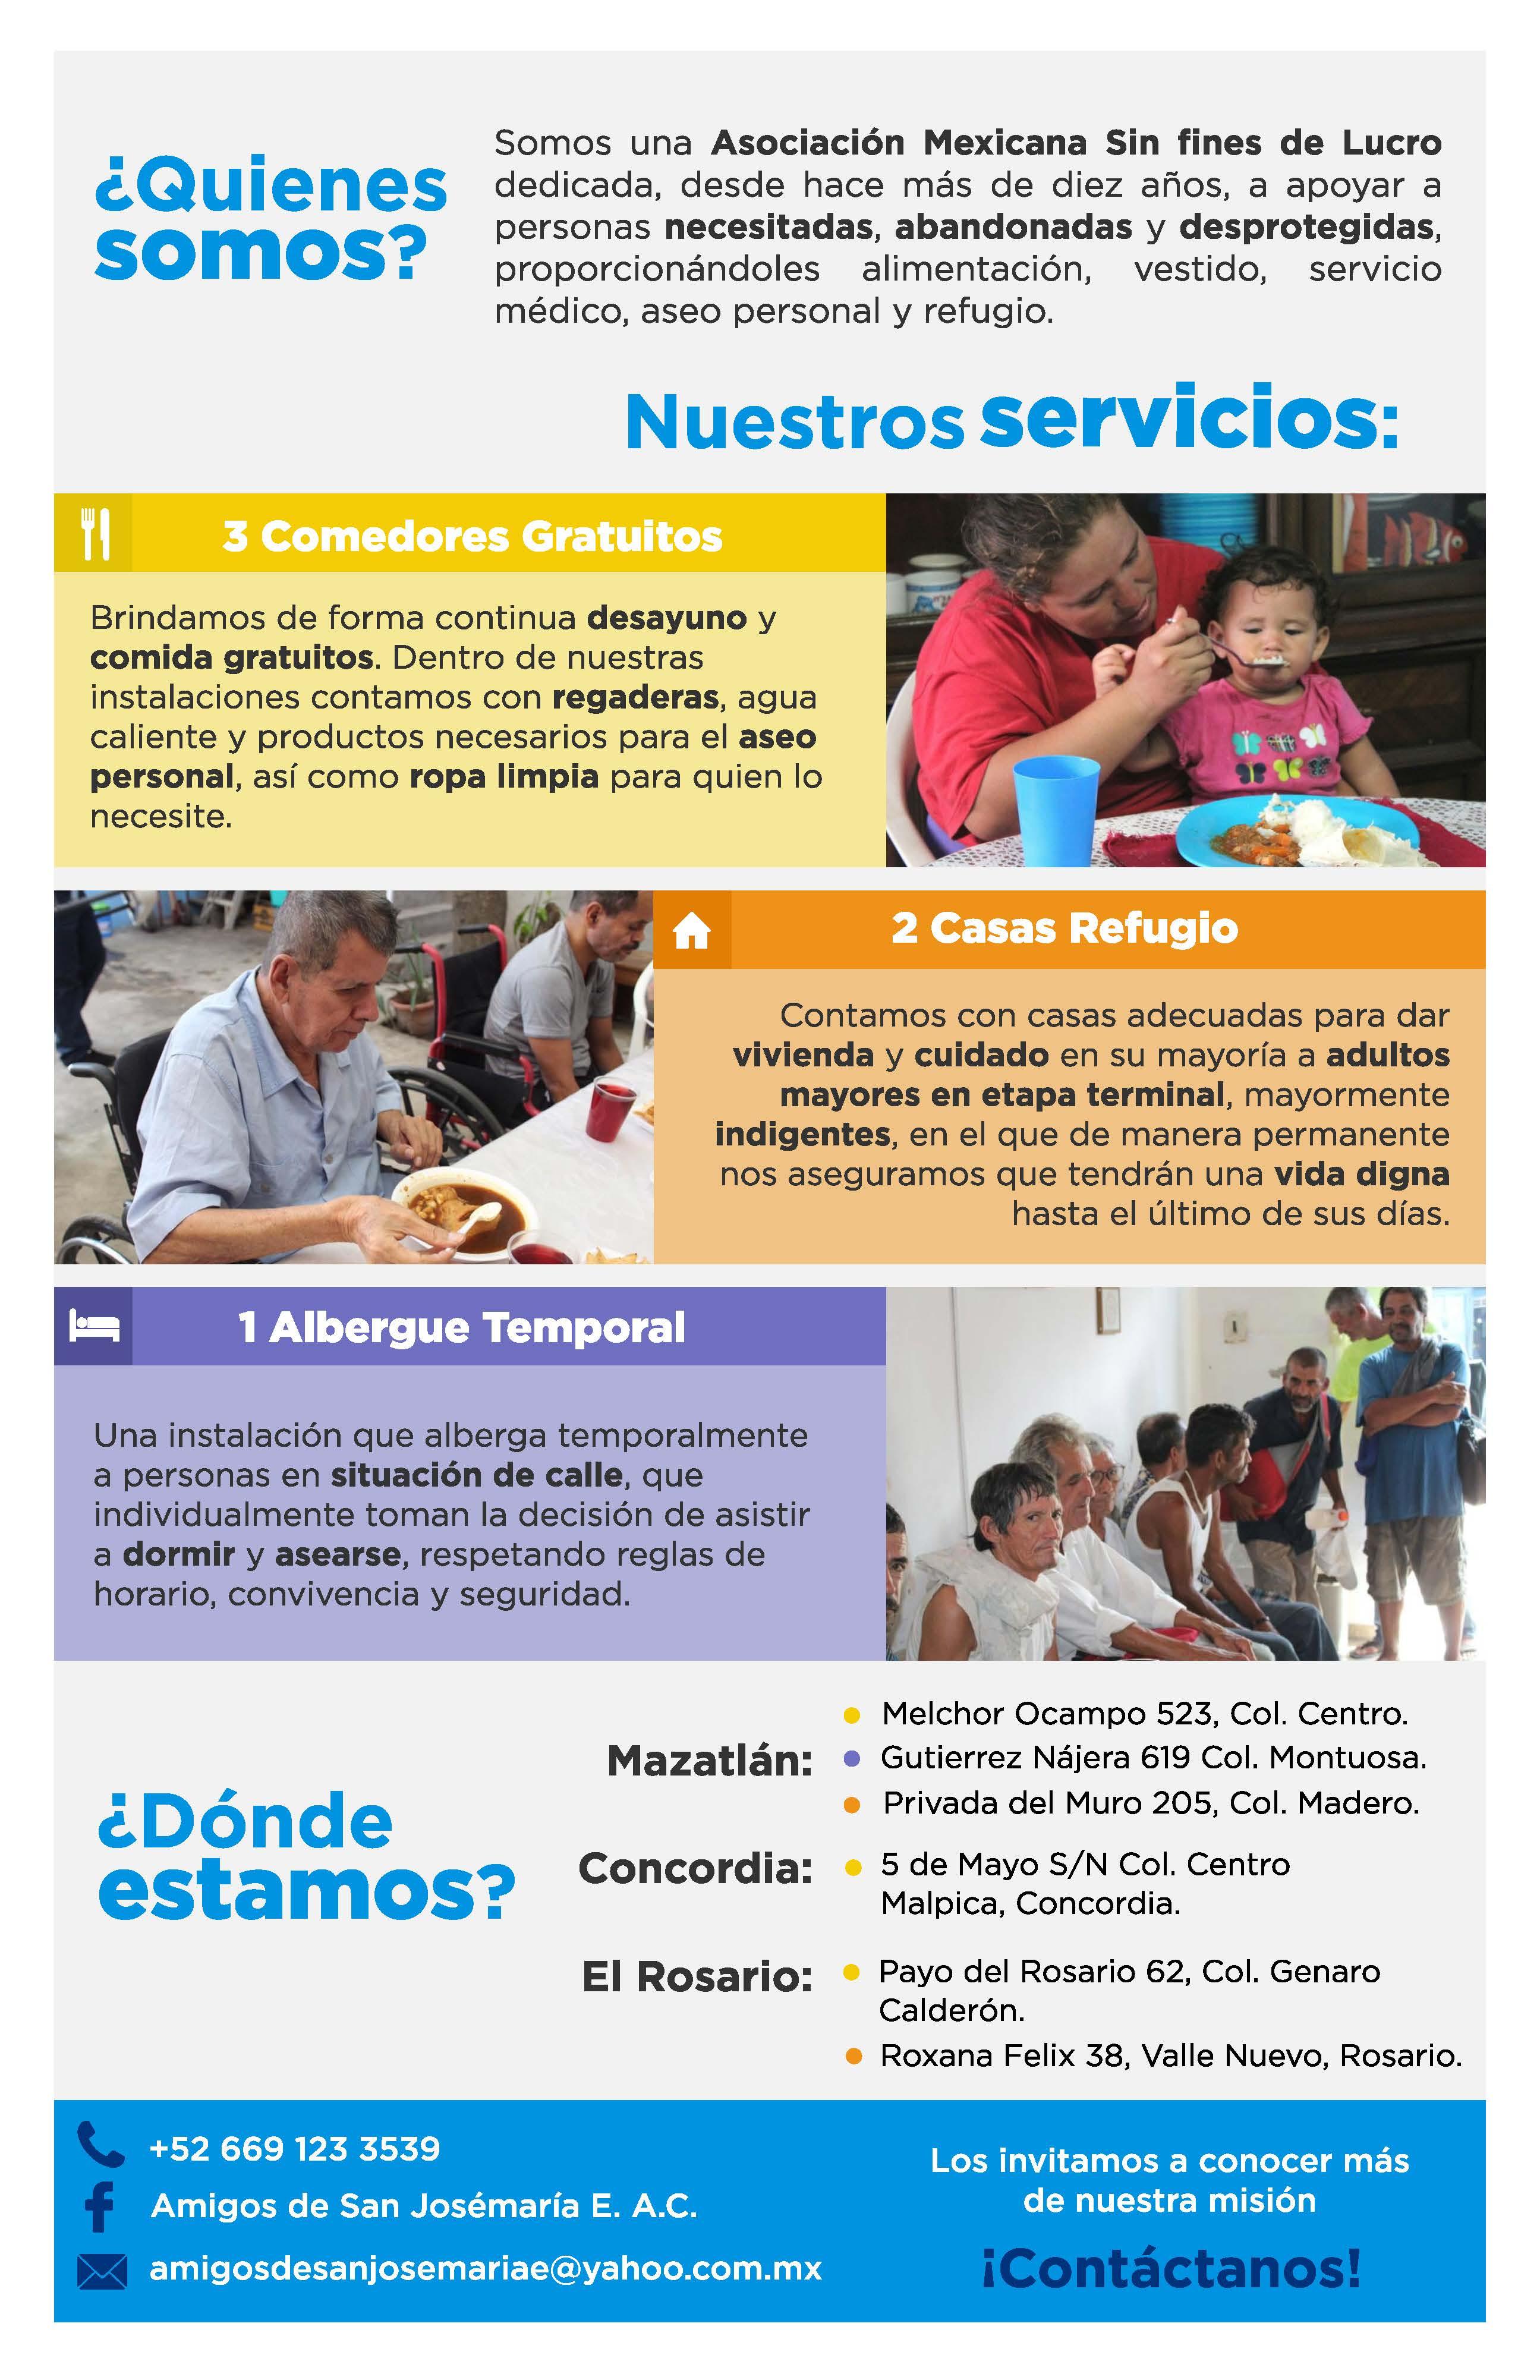 Flyer_AmigosSanJosemaría_2020_PRINT_Page_2